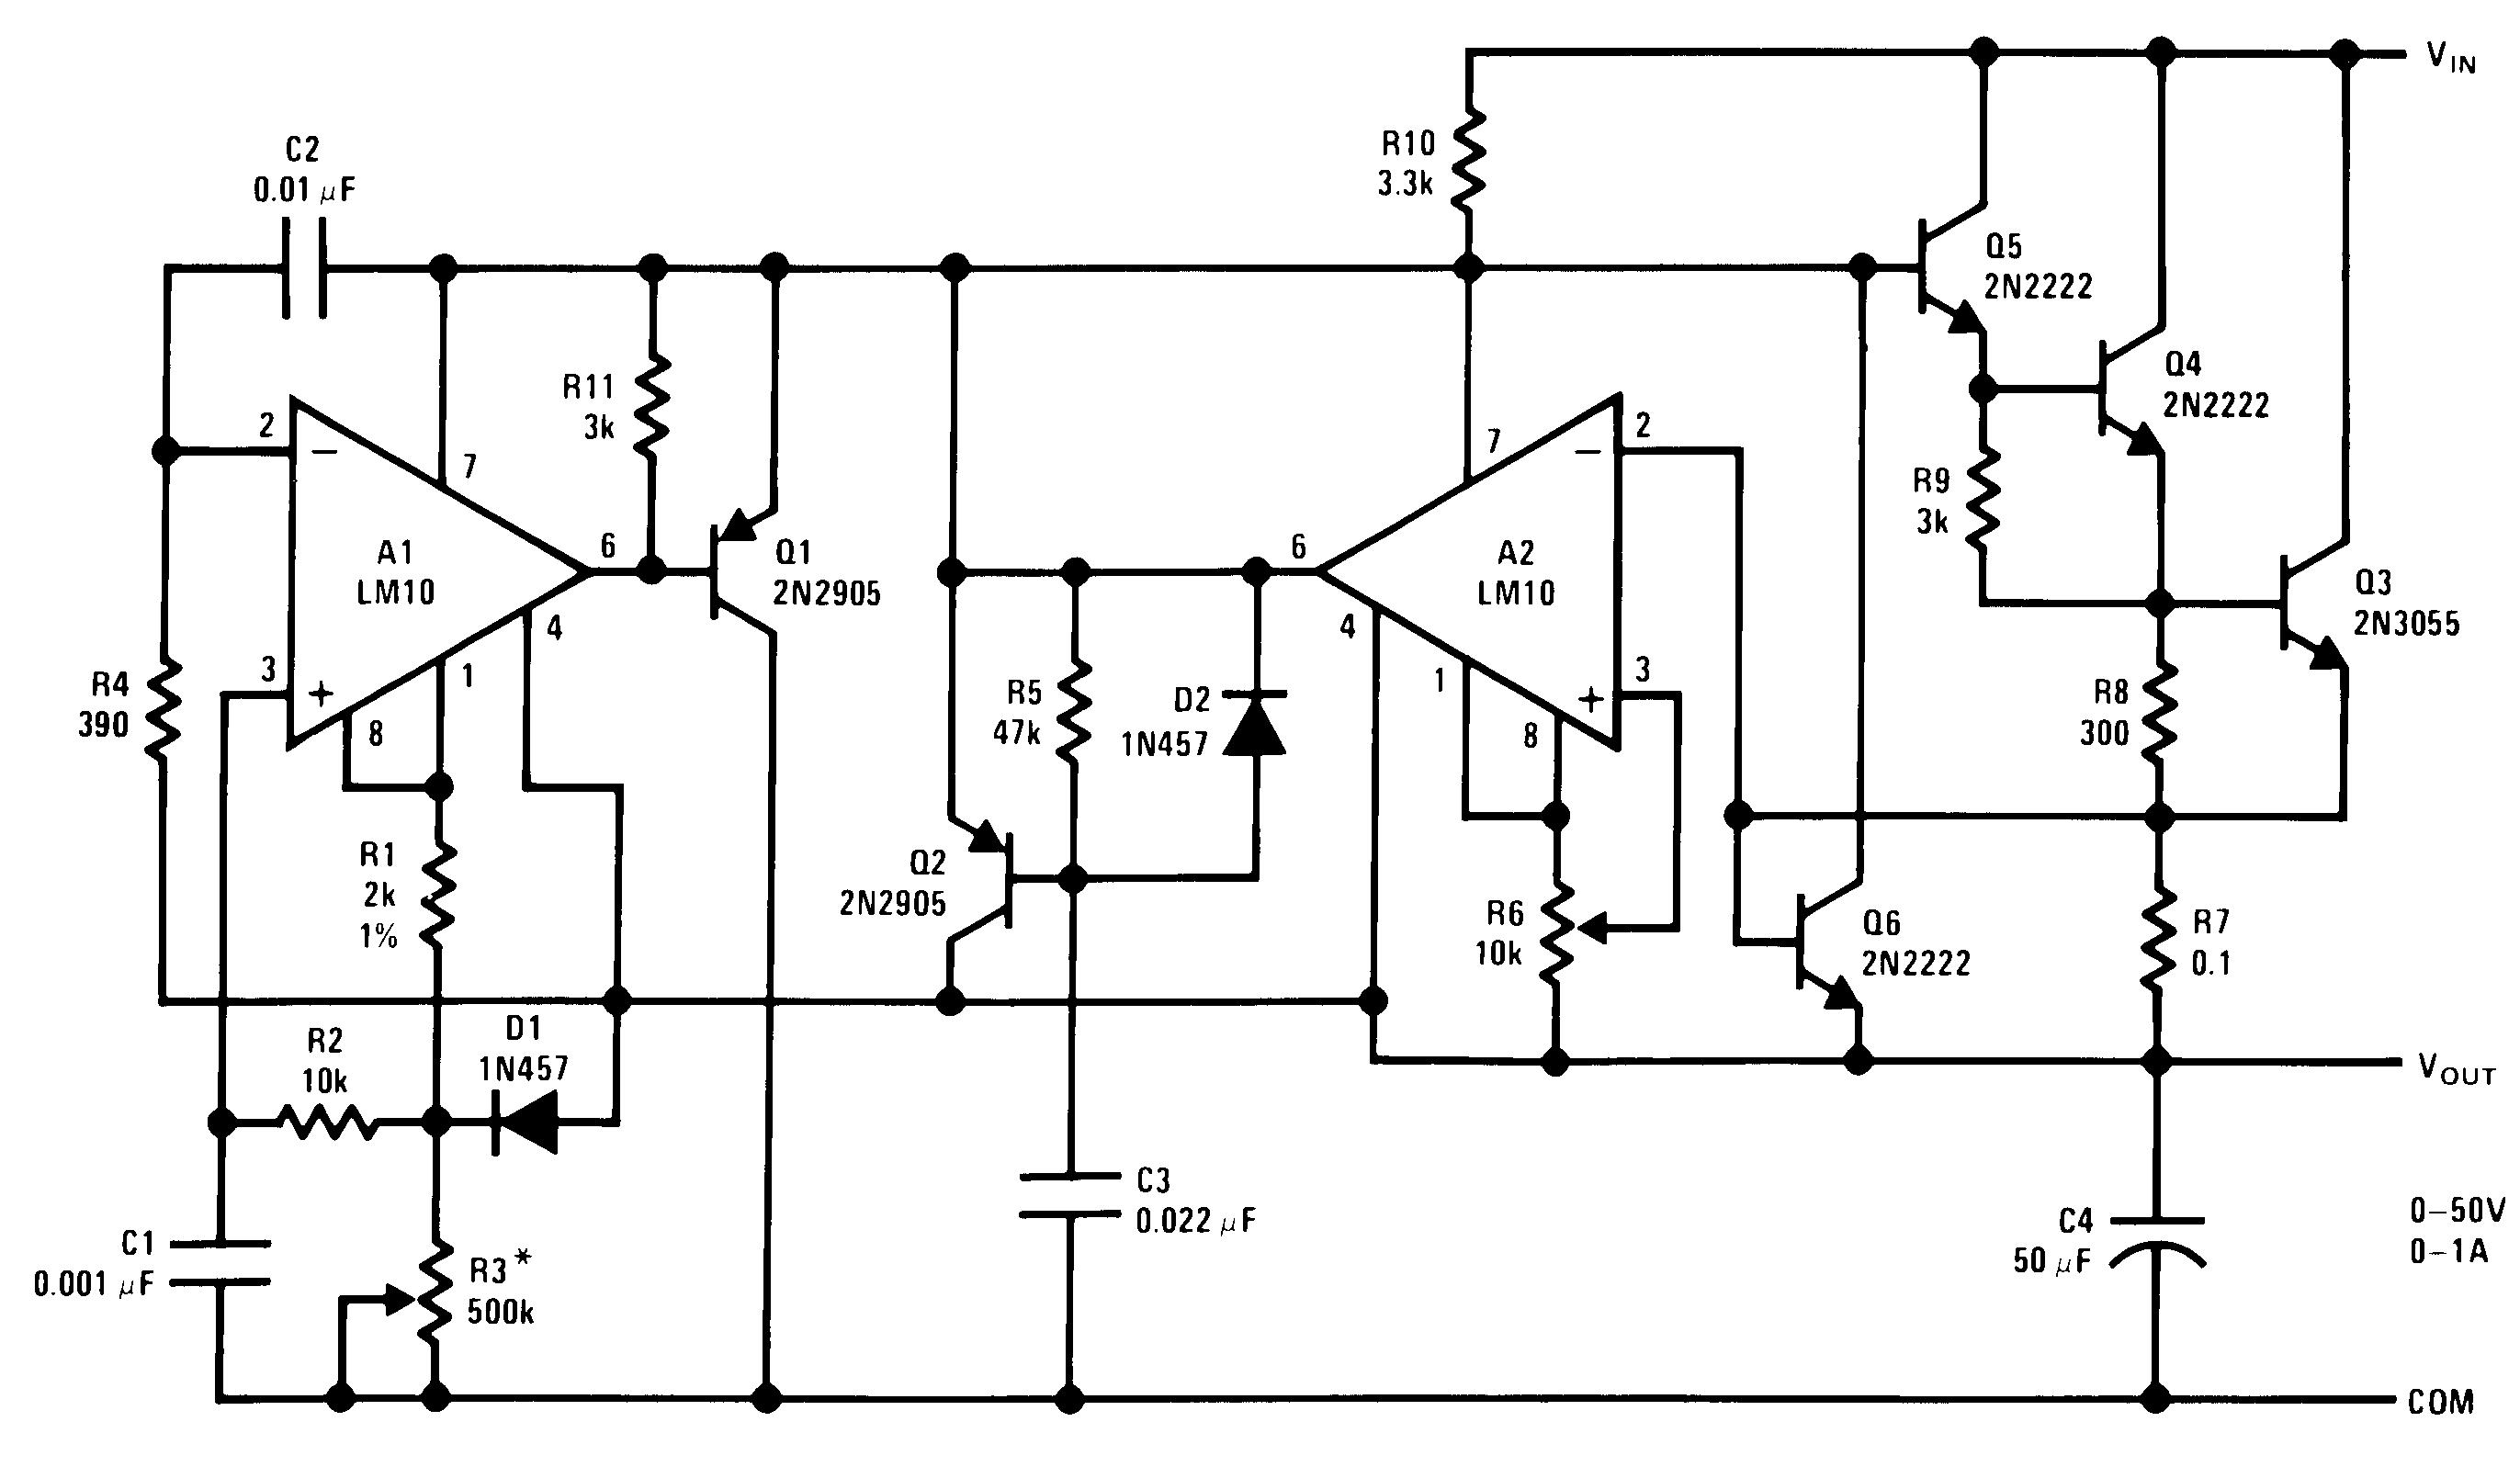 Lm10 Psu Diagram Furthermore Shunt Voltage Regulator Circuit Negative 00565261